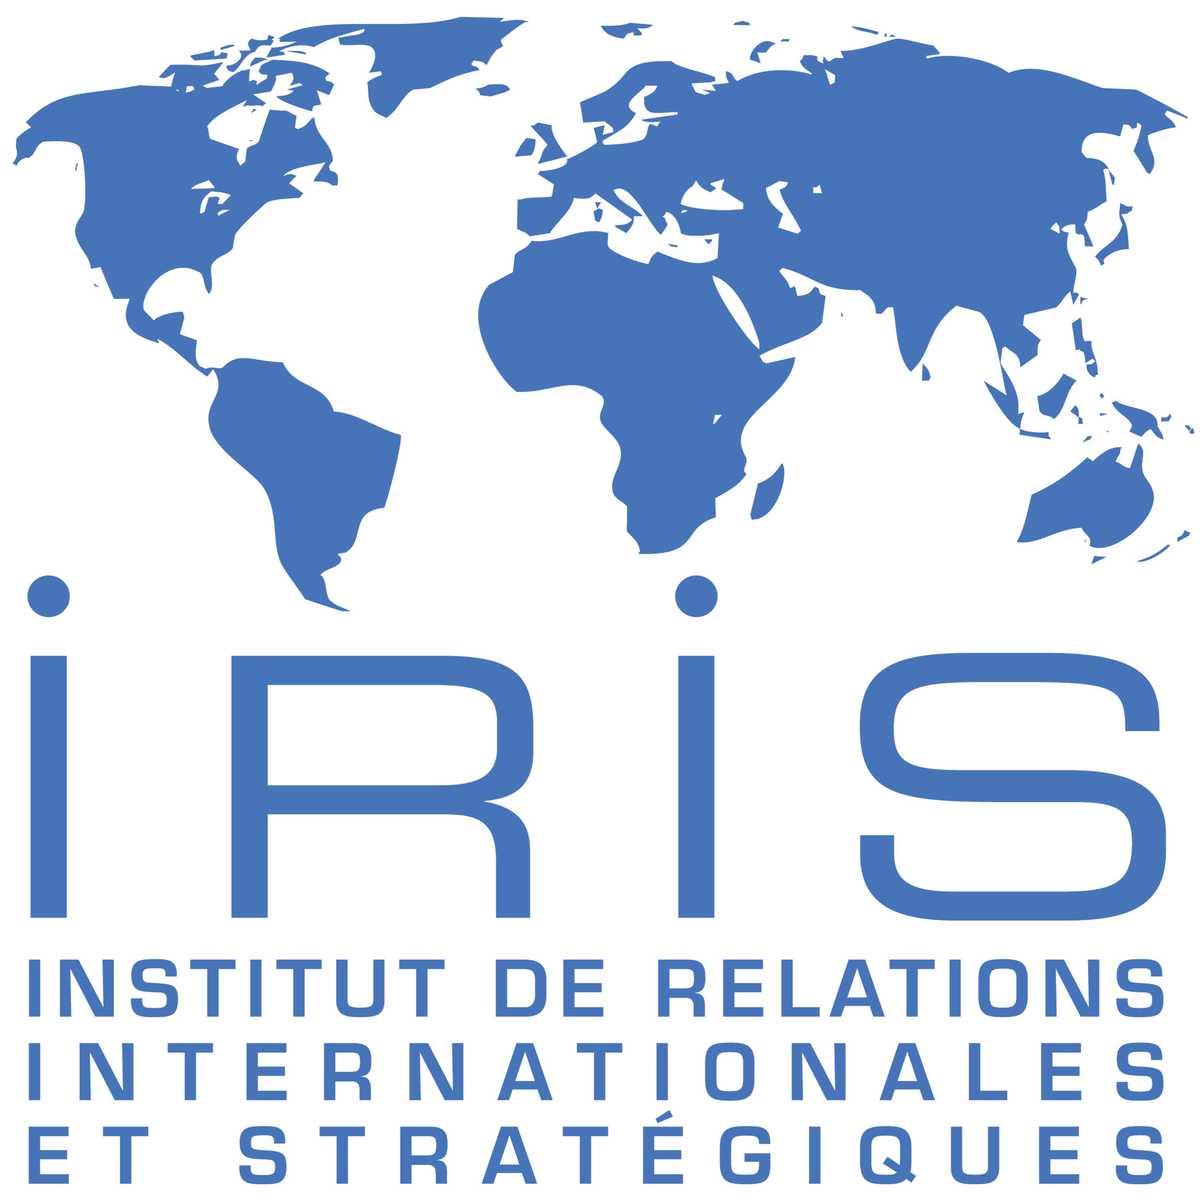 Institute International Strategic Relations